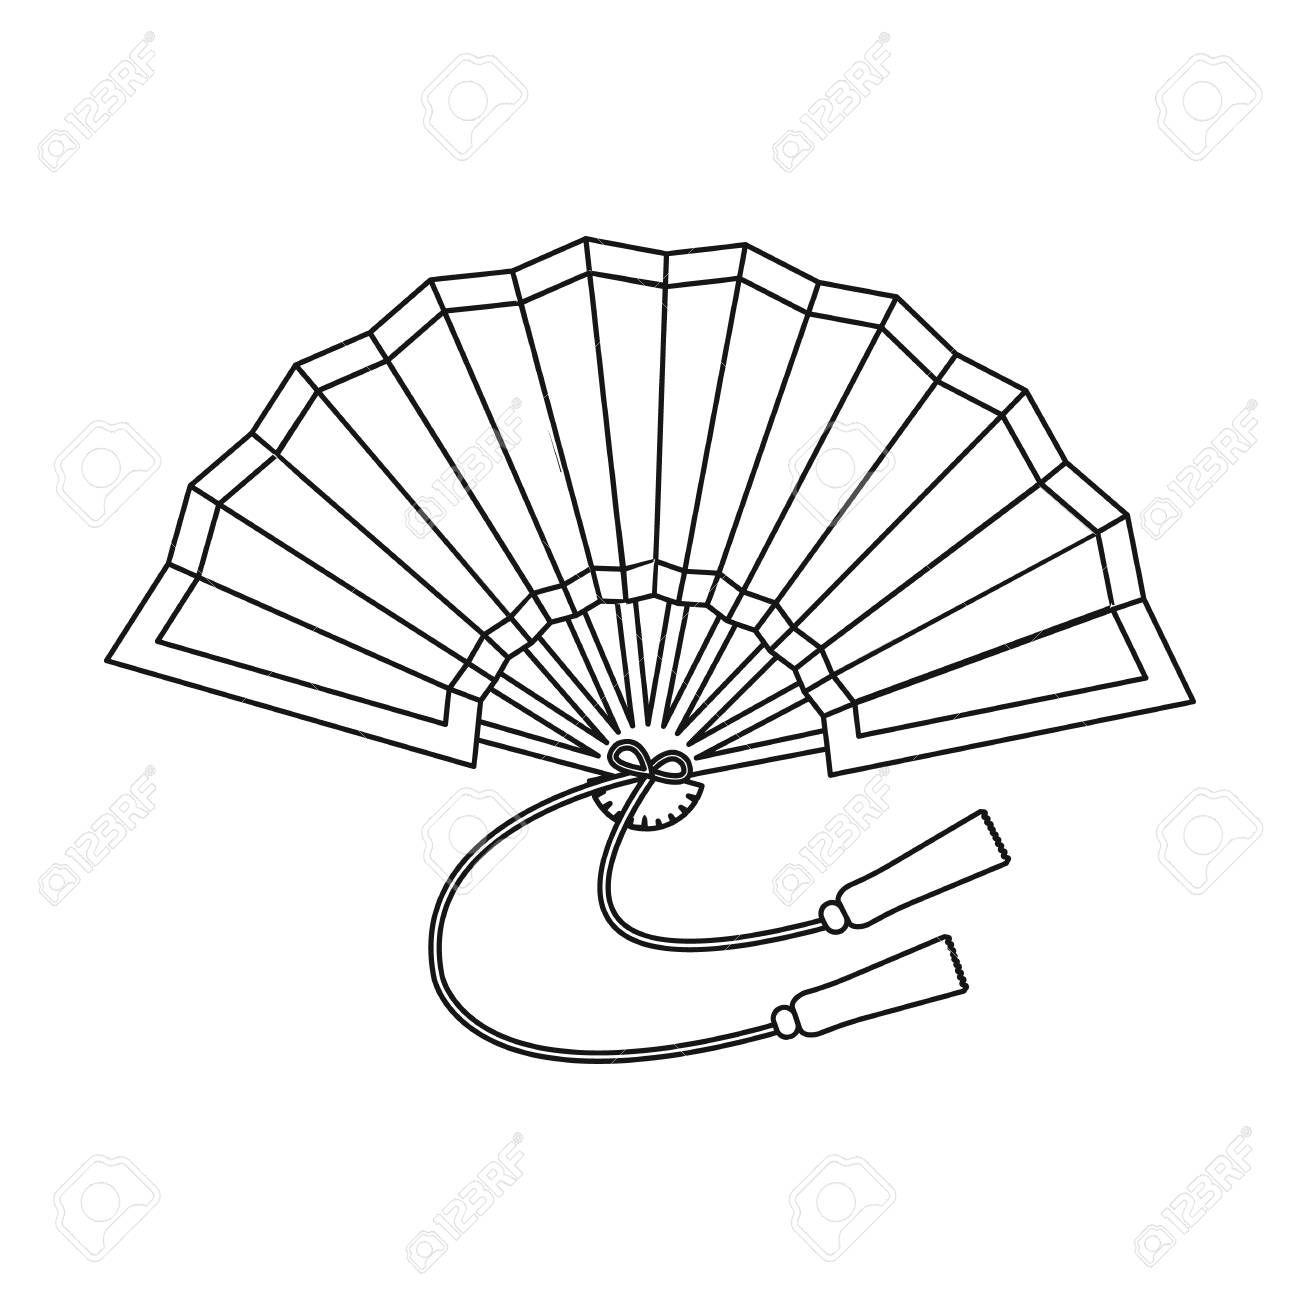 Icona Pieghevole Del Ventilatore Nello Stile Di Contorno Isolato Su Priorita Bassa Bianca Giappone Illustrazione Vet Fan Drawing Fan Tattoo Dragon Eye Drawing